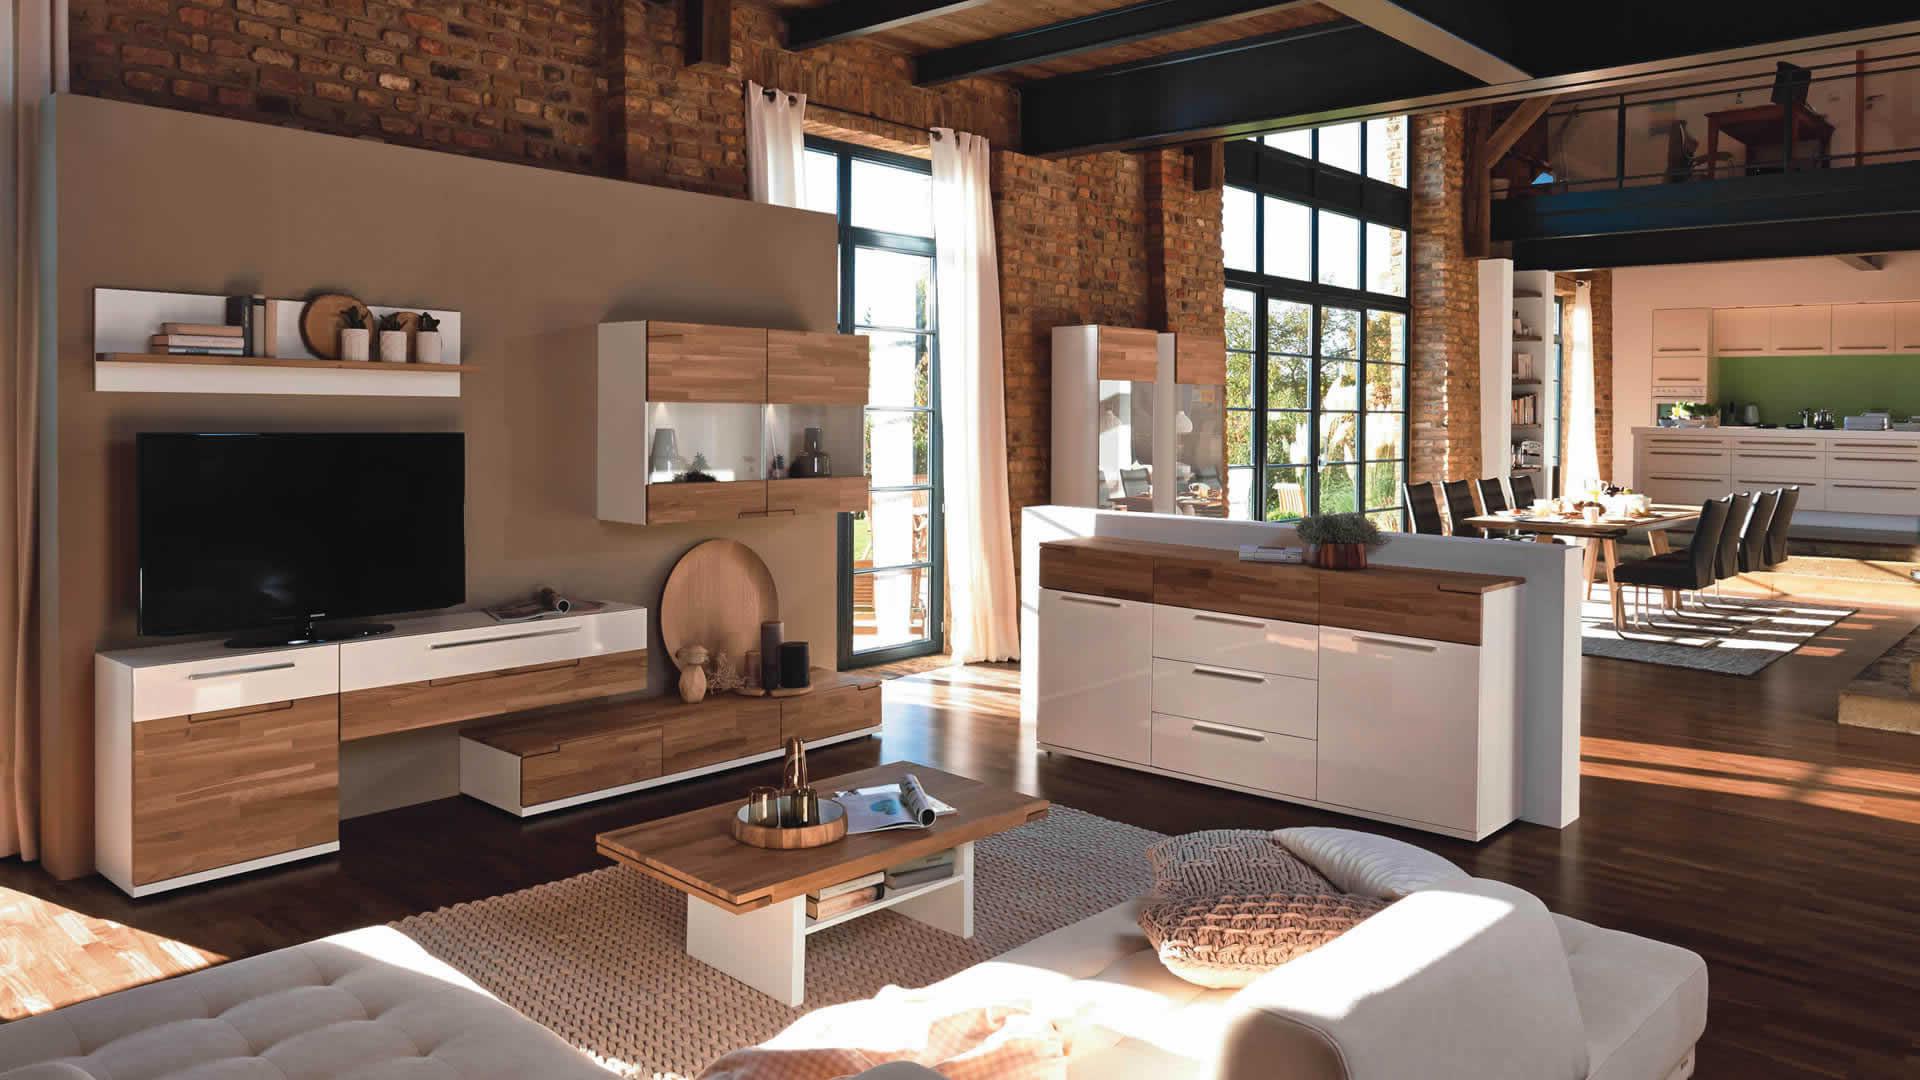 Möbel May Mayen  Willkommen bei Ihrem Möbel und Küchenhaus Möbel May